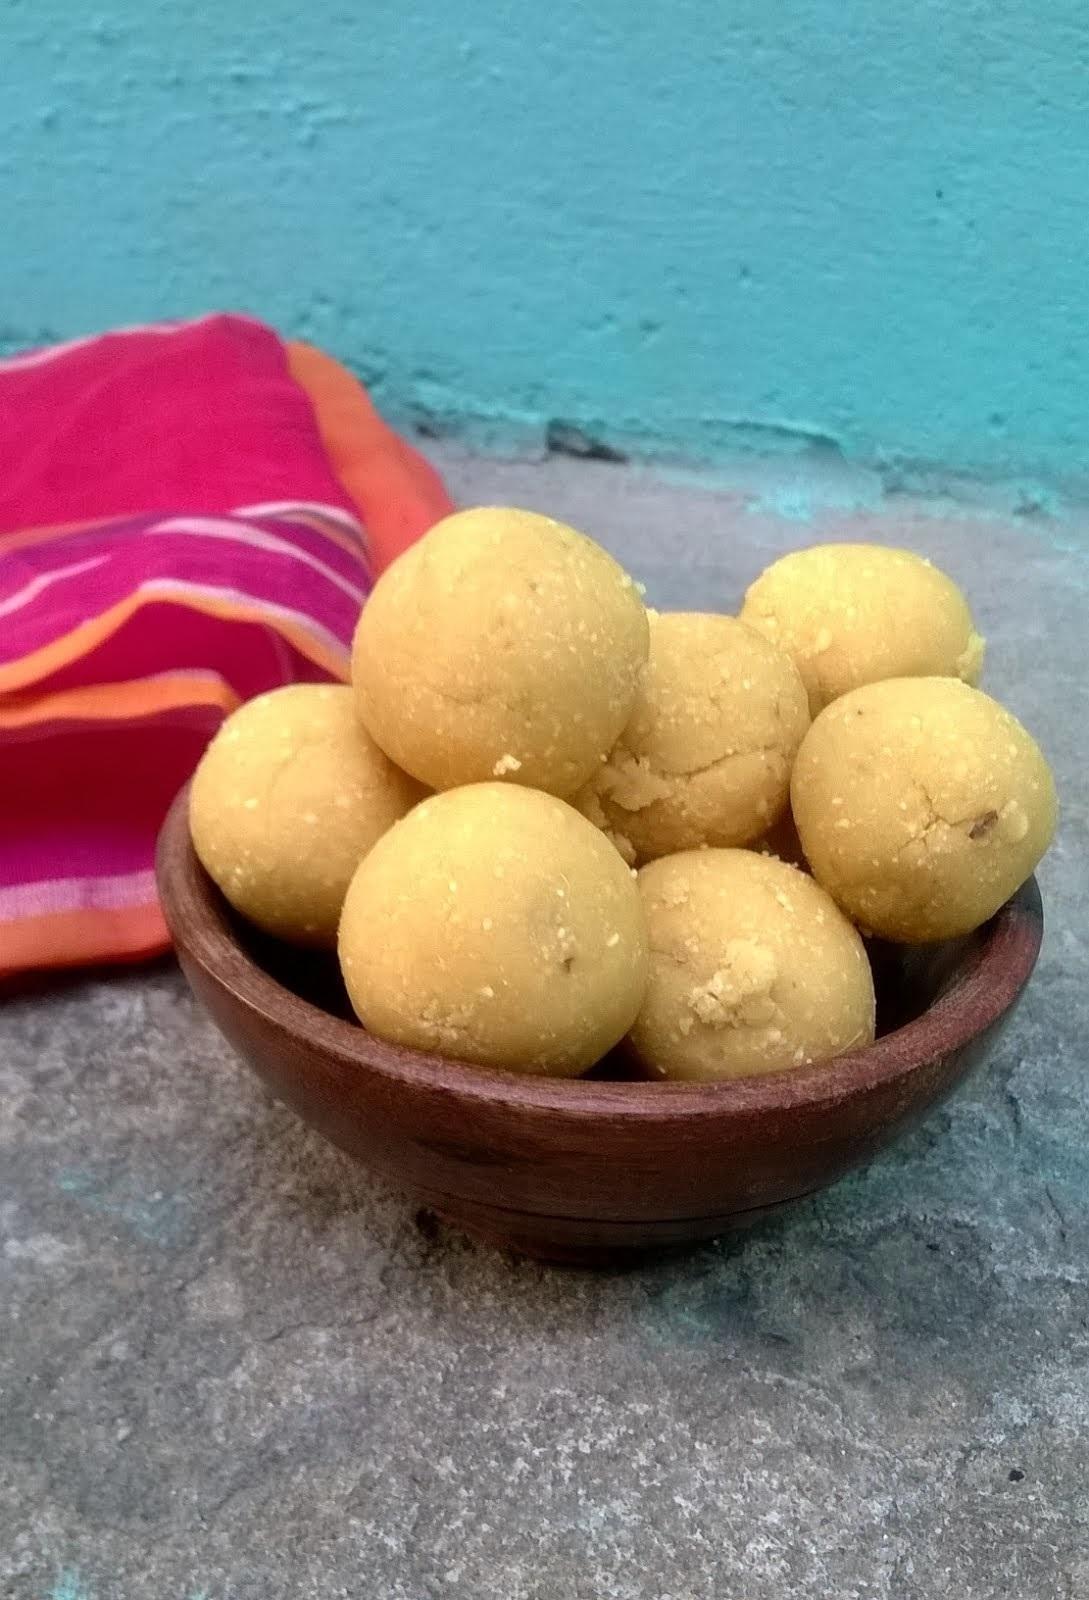 Pottukadalai Urundai | Roasted Gram Balls